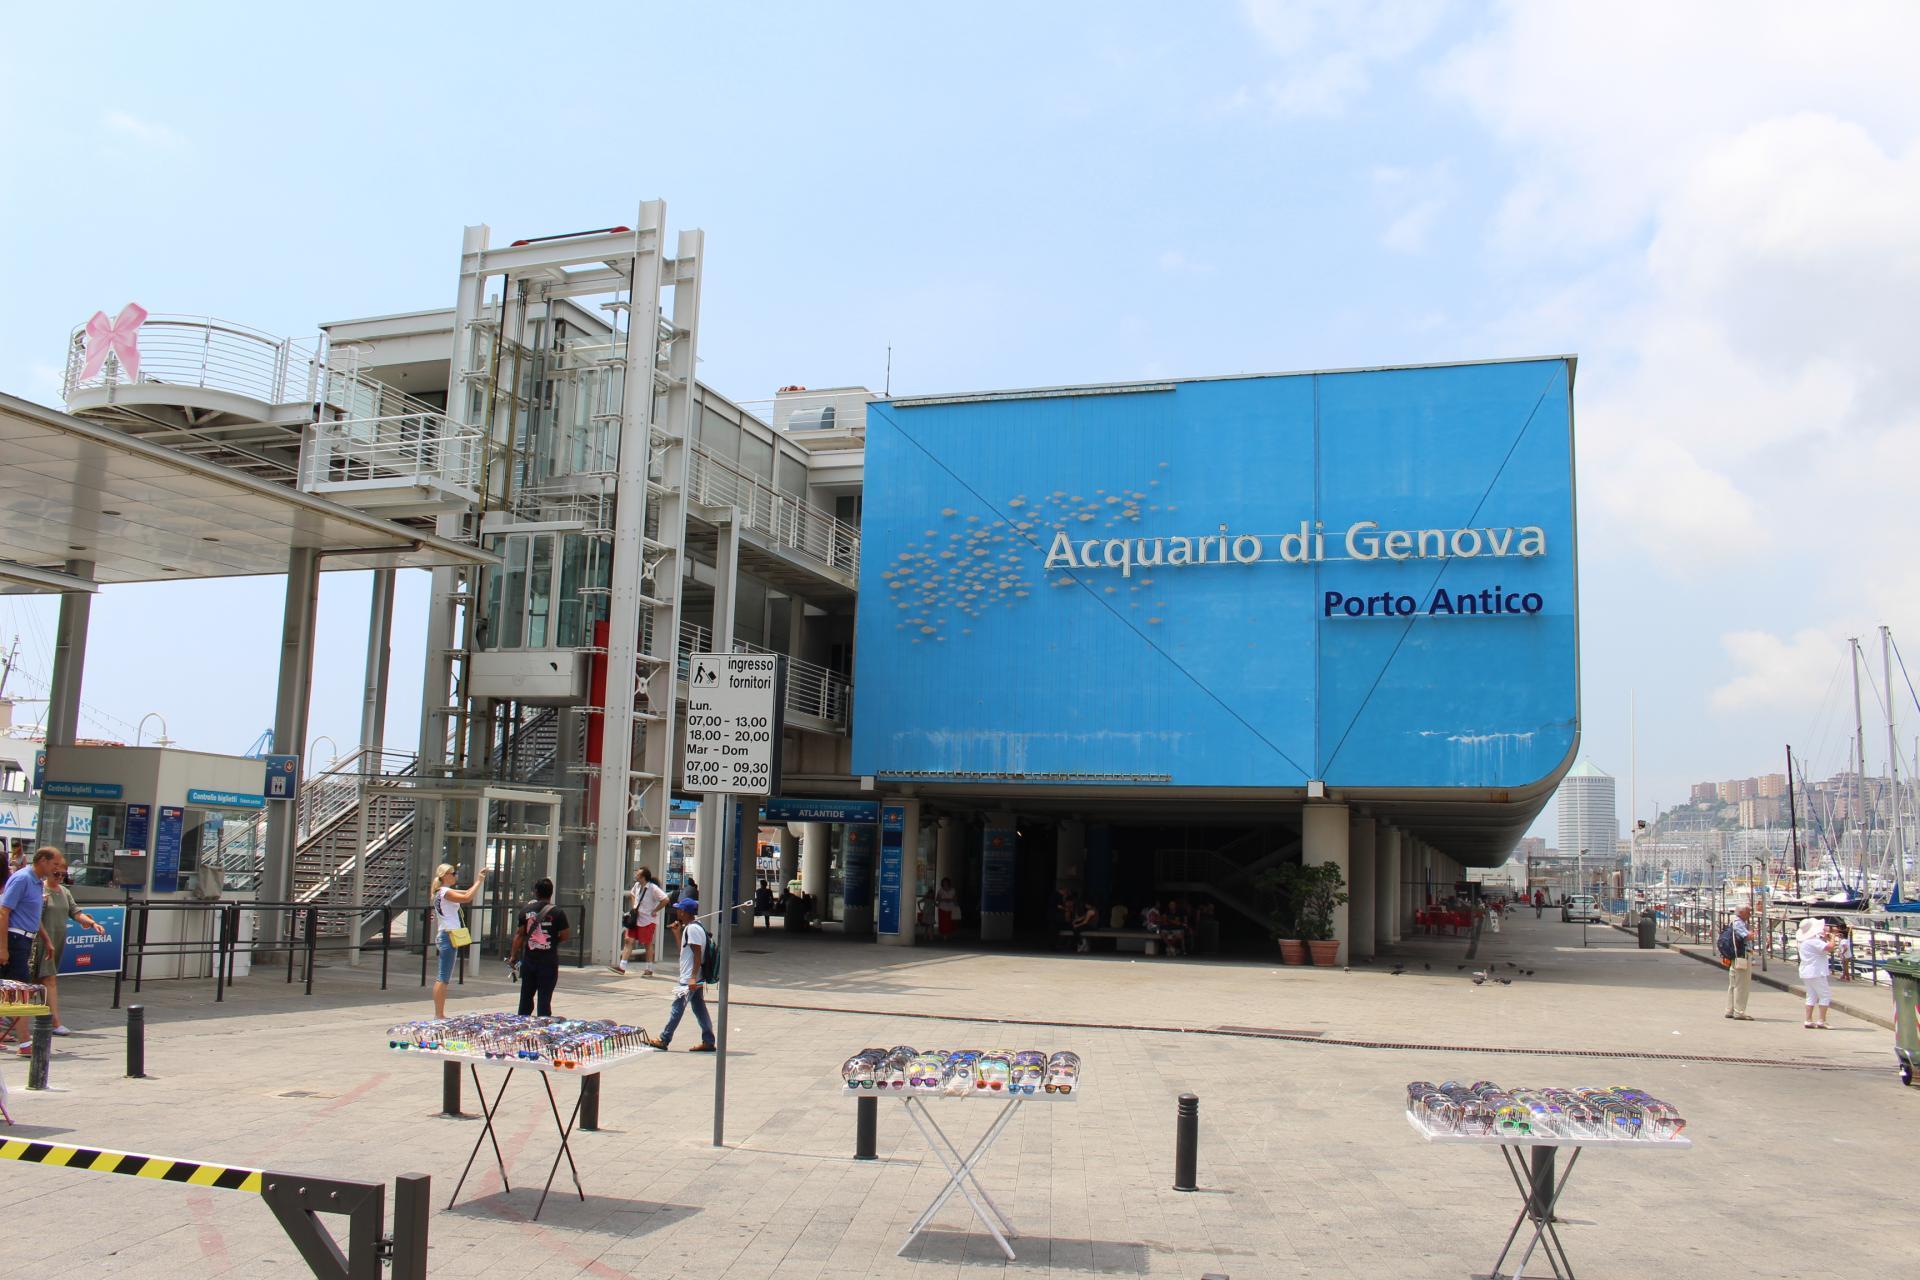 Acquario de Genova